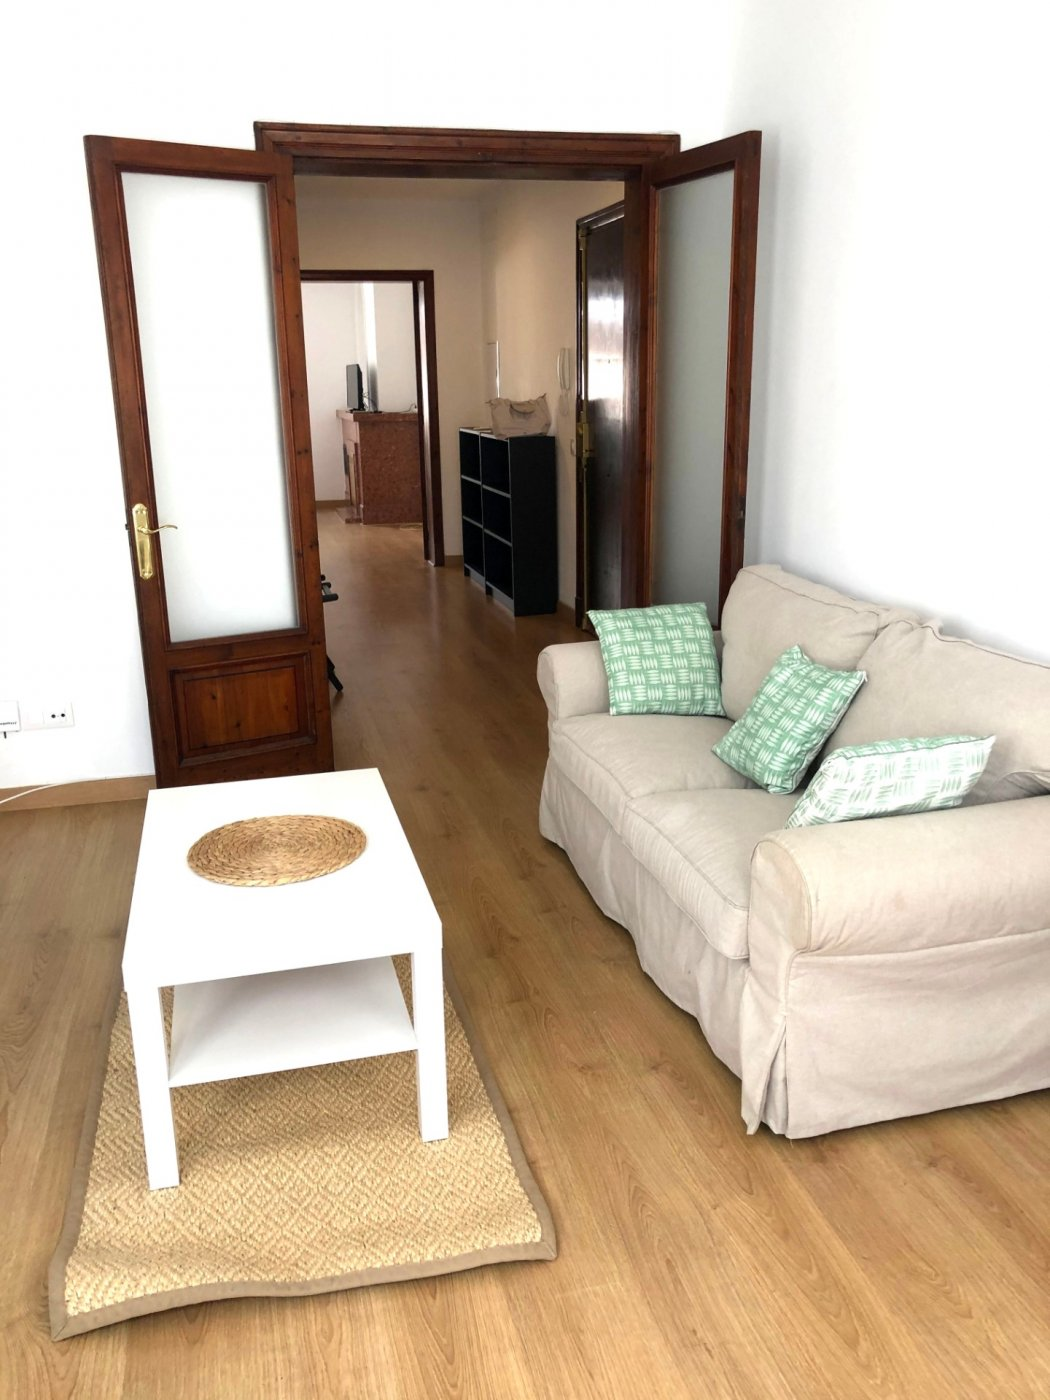 Se alquila precioso piso en el centro de palma - imagenInmueble5